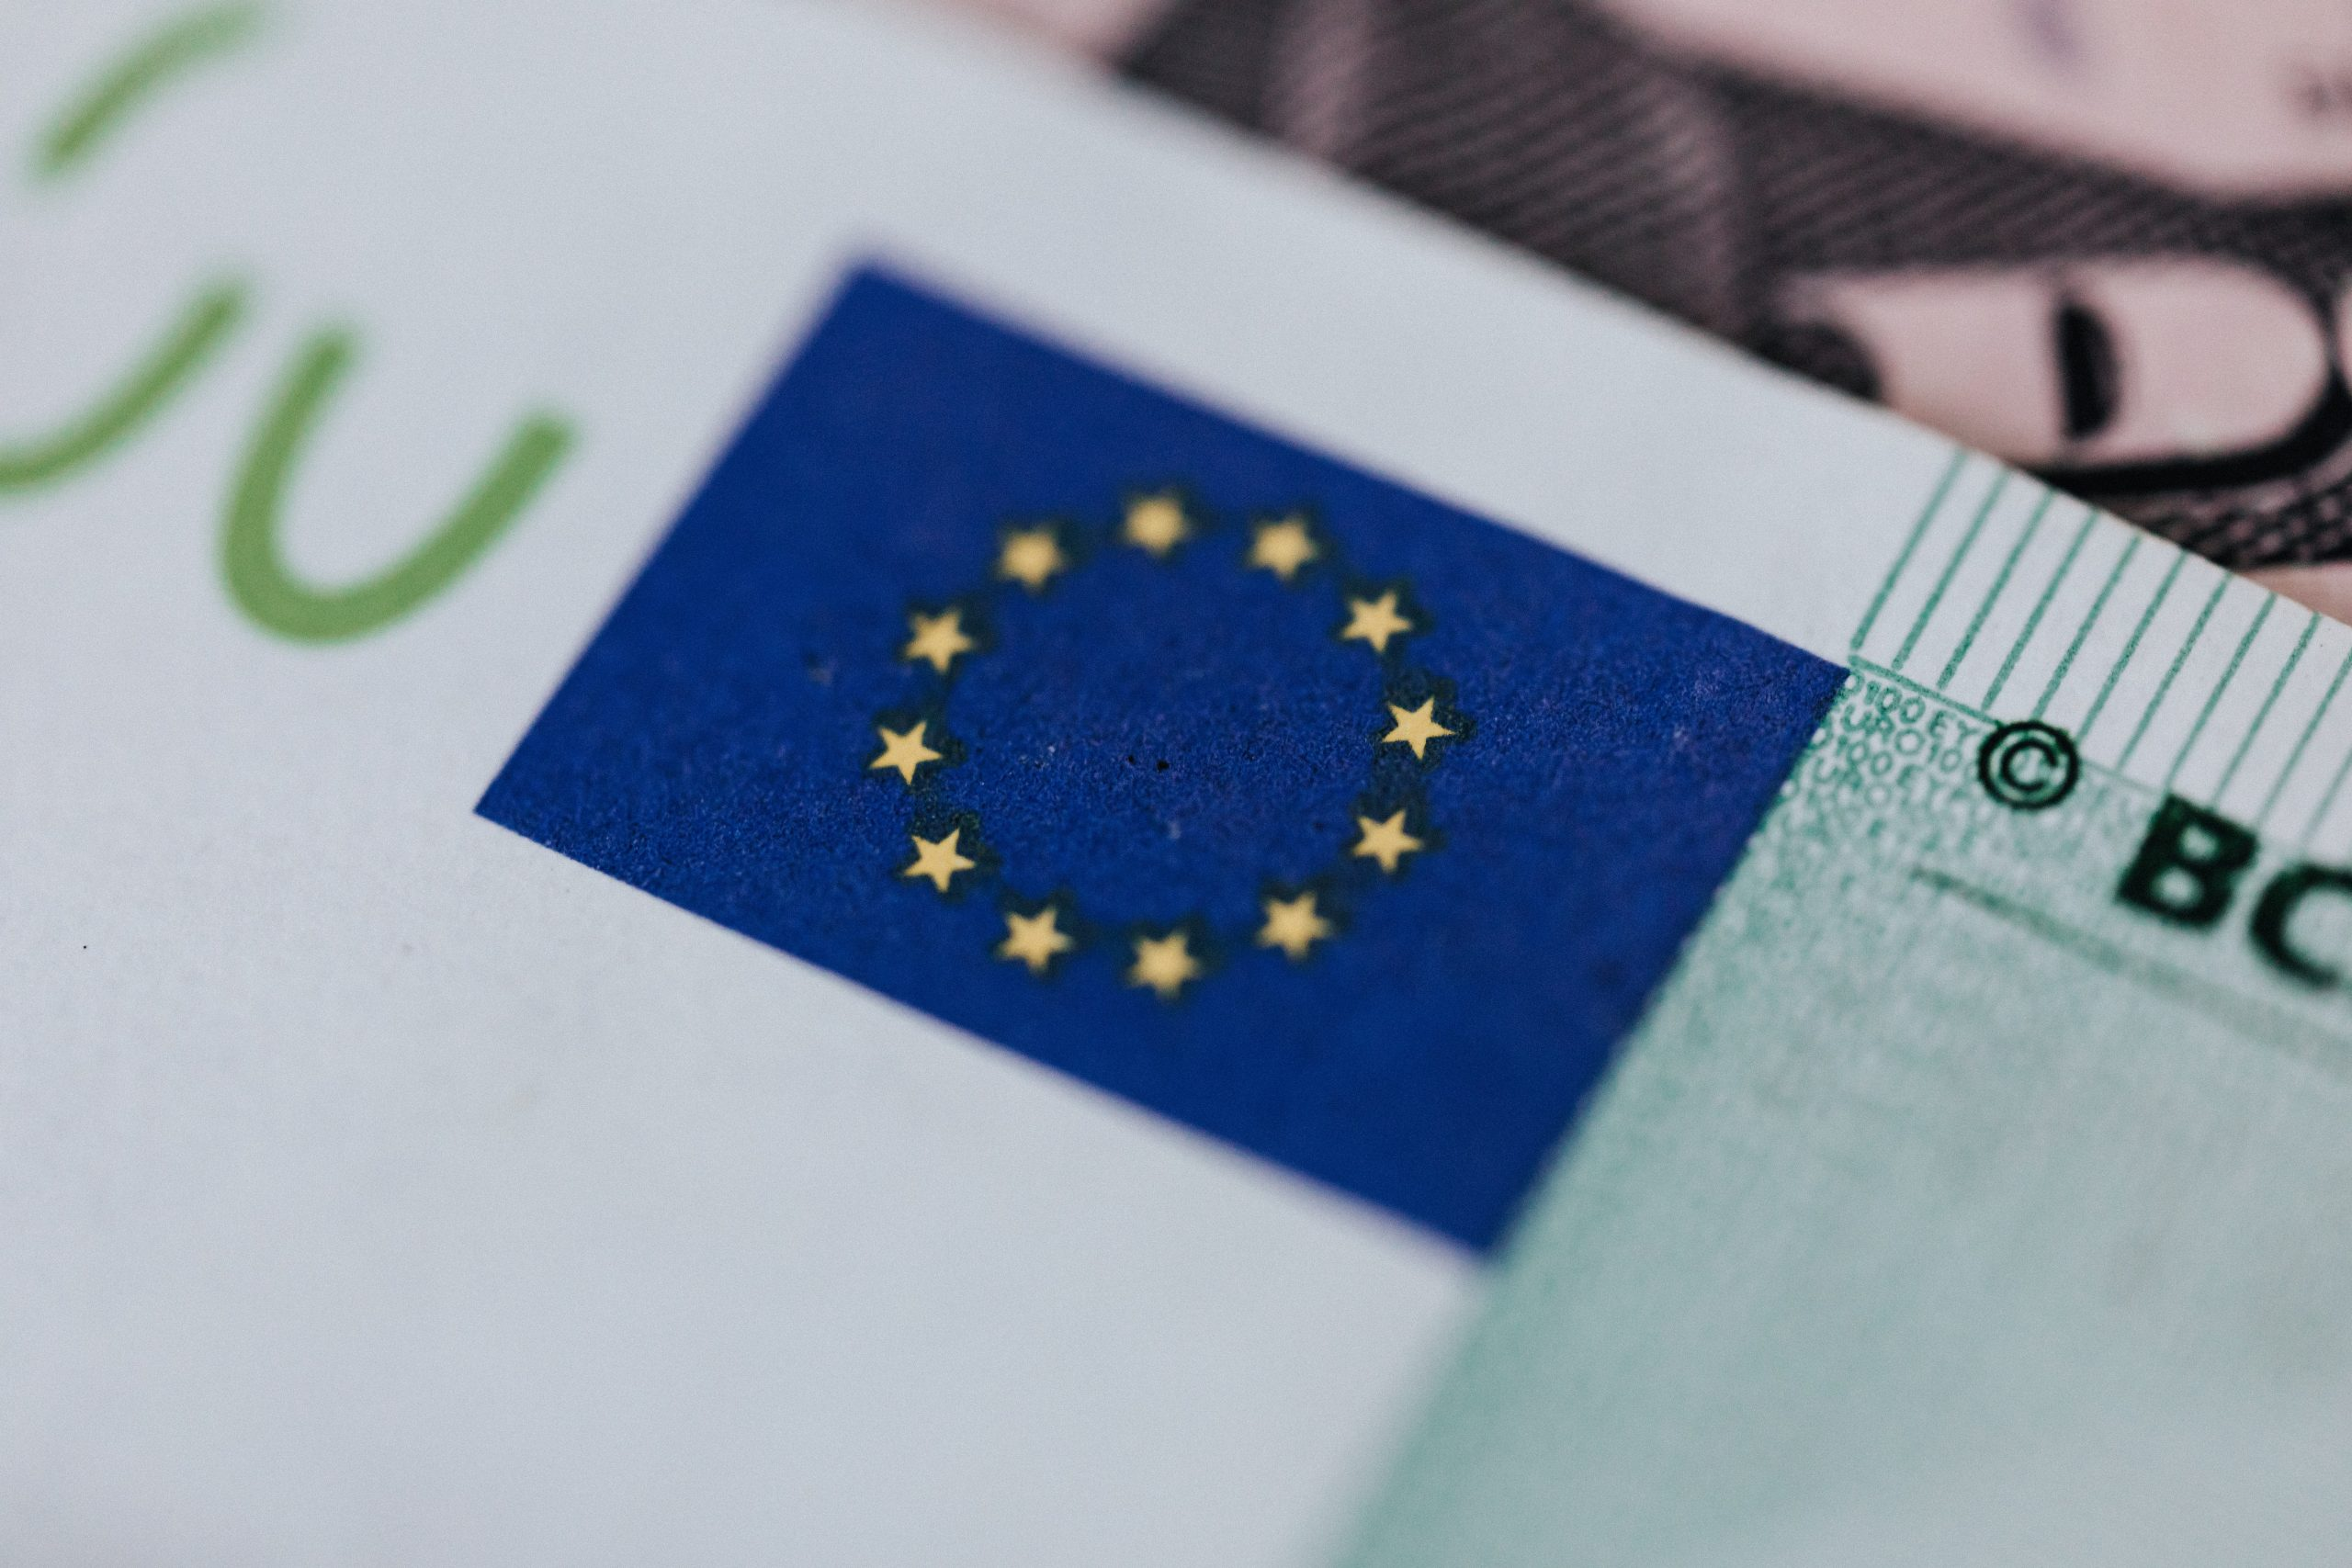 L'économie européenne subit une chute record de 11,9 % du PIB